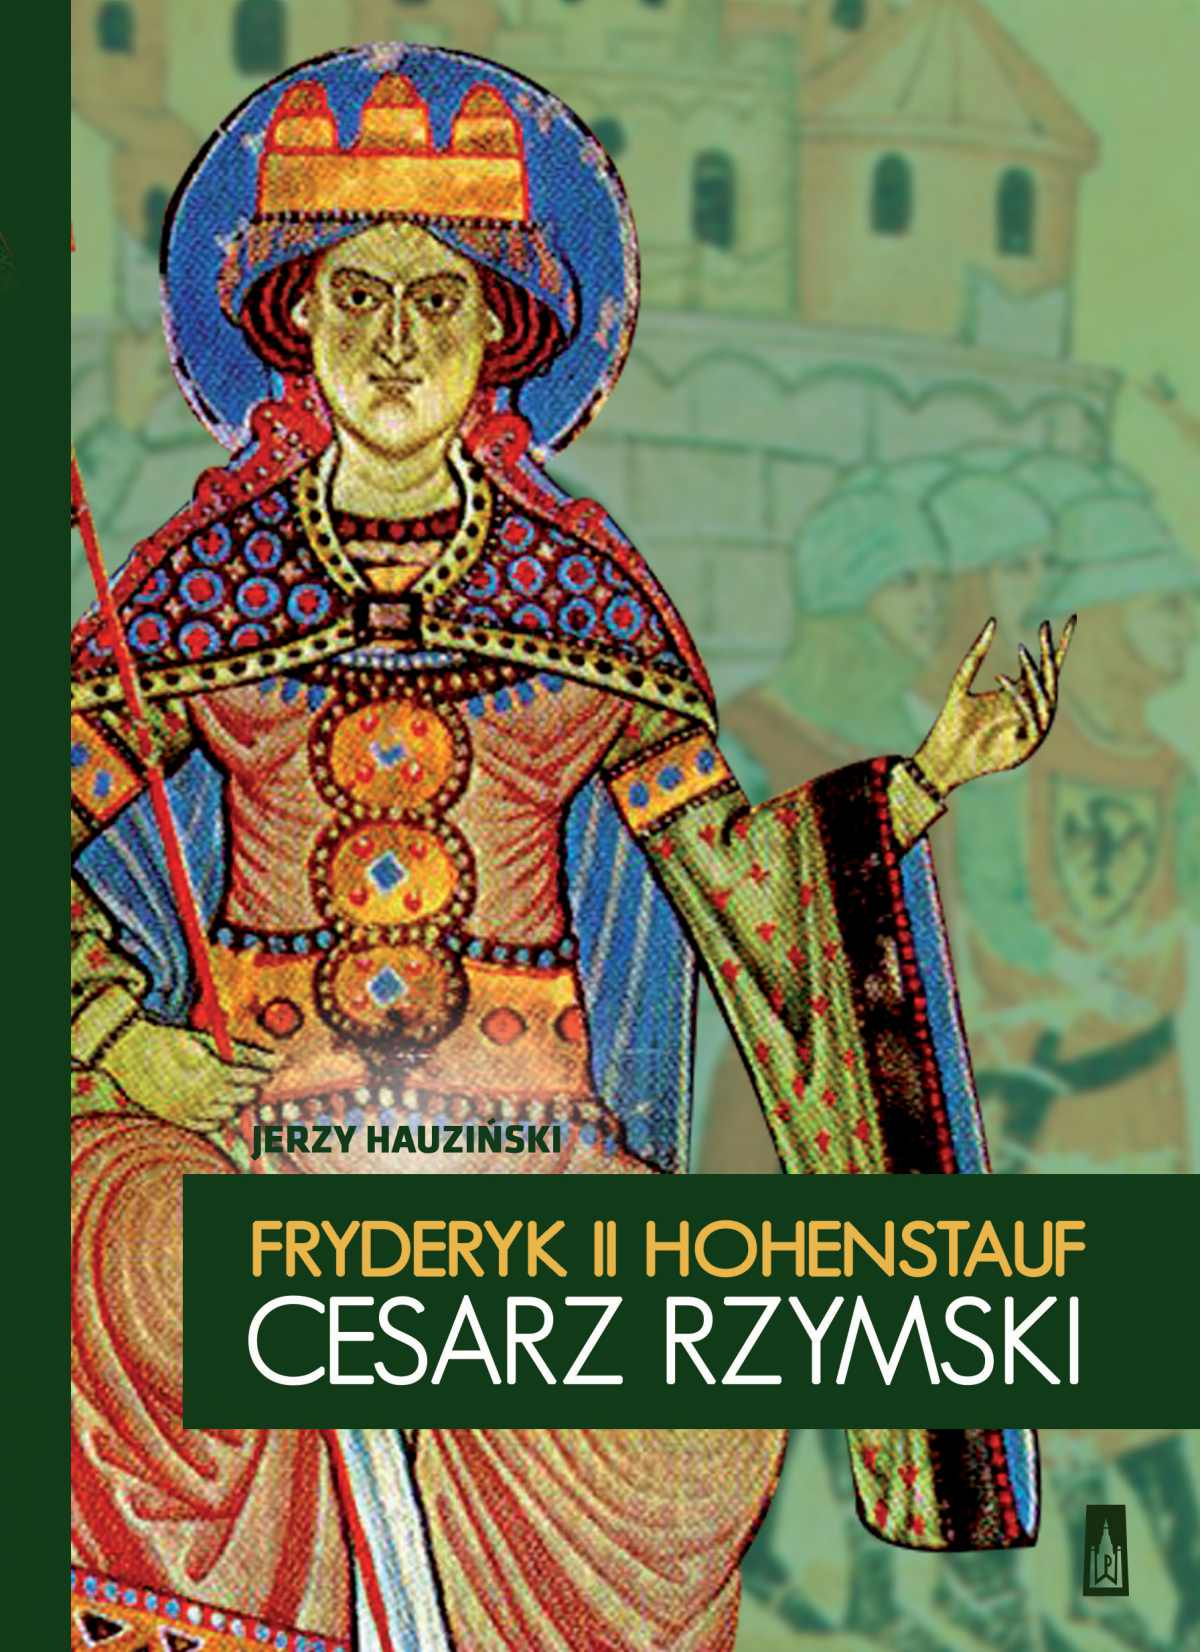 Fryderyk II Hohenstauf cesarz rzymski - Ebook (Książka EPUB) do pobrania w formacie EPUB